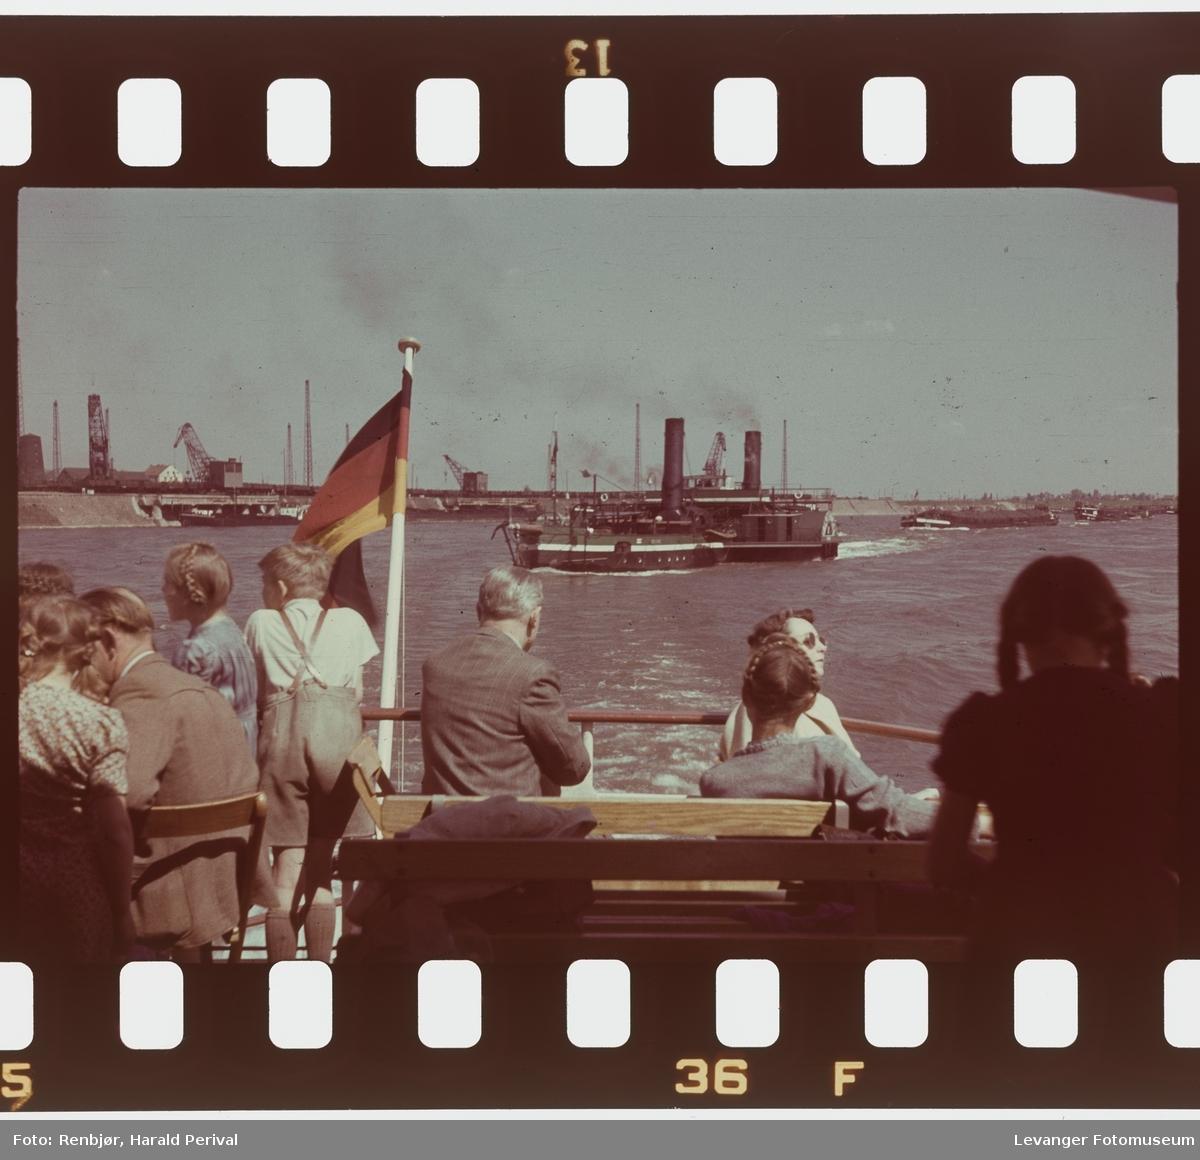 Fra Tyskland i forbindelse med deltakingen på den årlige Fotomessen i Køln. Båttur på Rhinen.